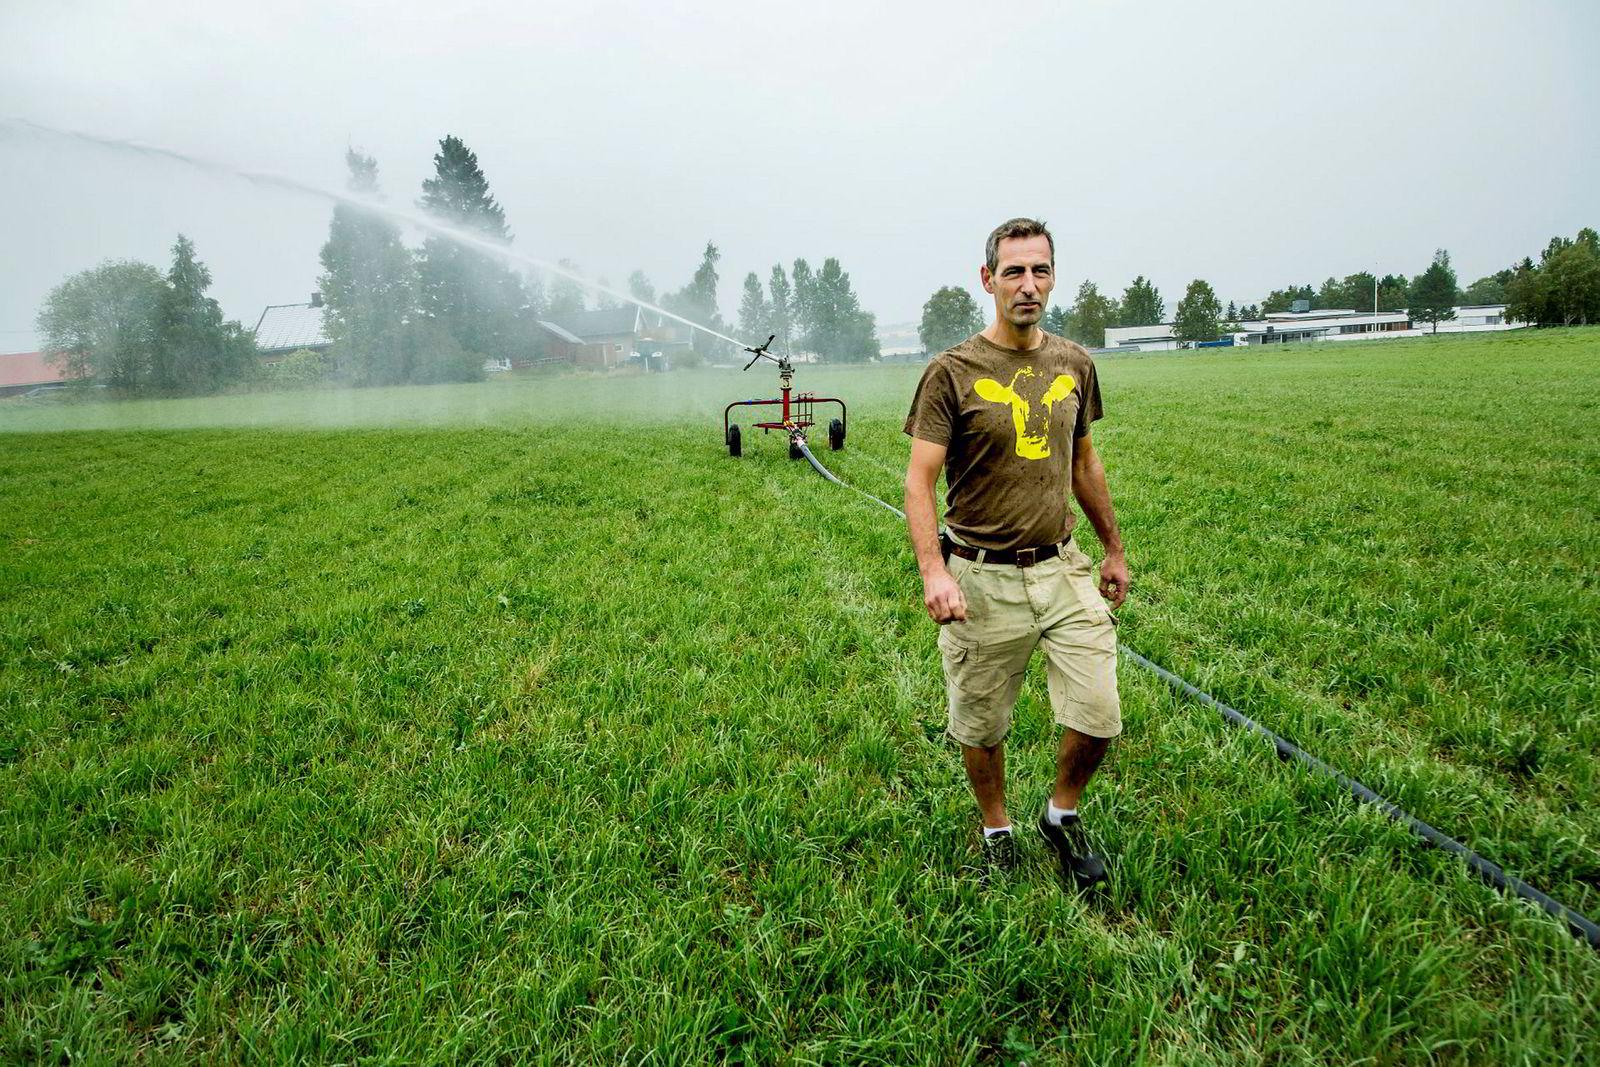 Melkebonde Christian Meyer regner med at han vil få betale mellom 100.000-150.000 kroner i ekstra kostnader til vanningen. Dersom han ikke hadde hatt vanningsanlegg regner han med at han hadde gått konkurs.